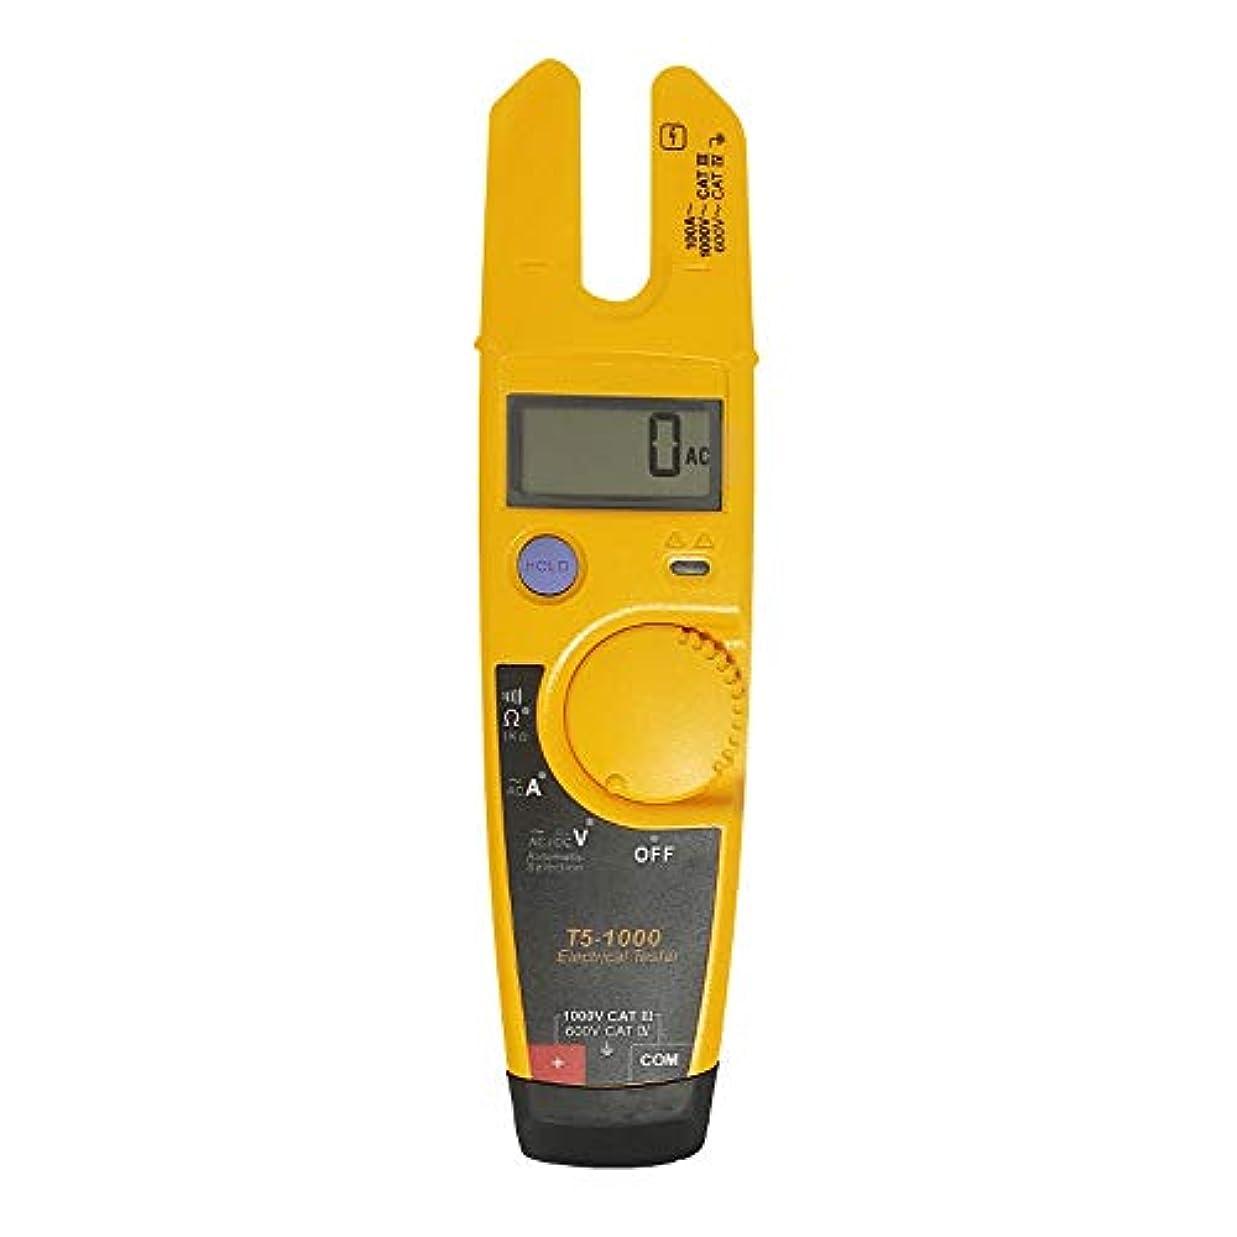 欺く悪意マウントBTXXYJP Labloot ソフトケース付き T5-600 クランプメーター 電圧 連続電流 クランプメーター